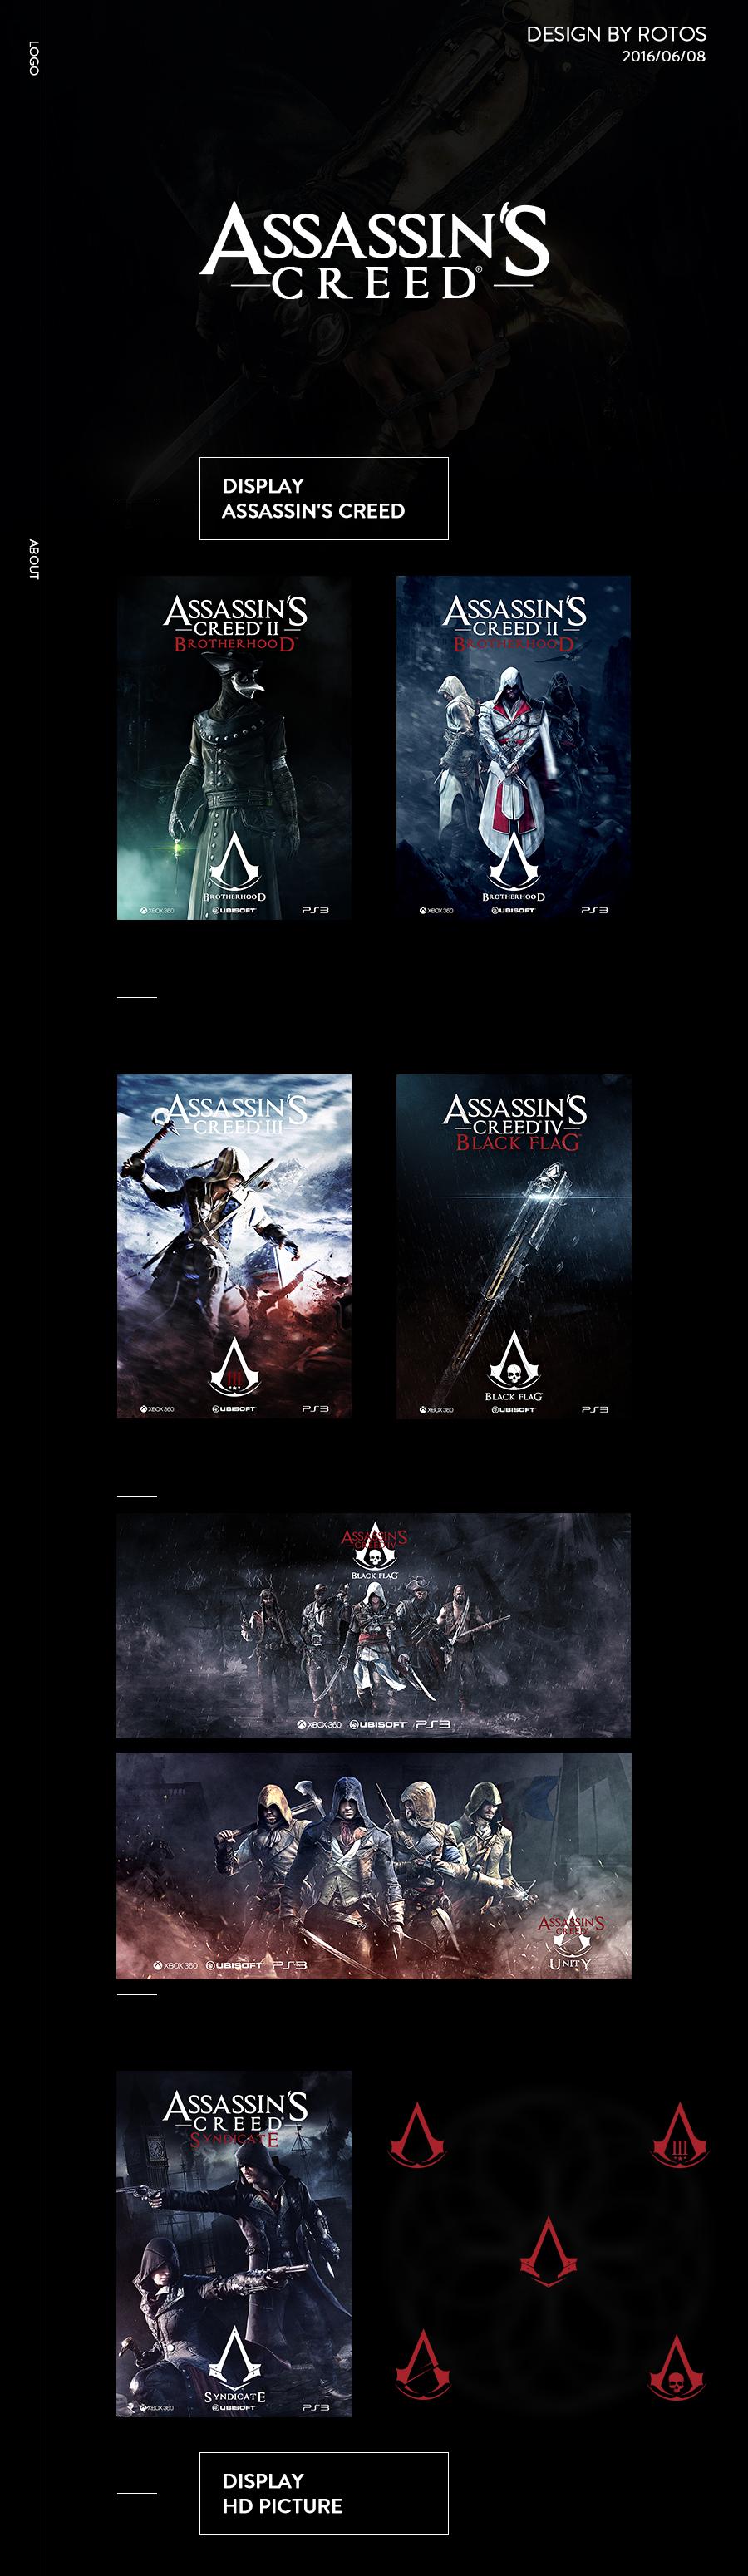 查看《【刺客信条】Assassin海报练习搞-分享PSD》原图,原图尺寸:900x3100